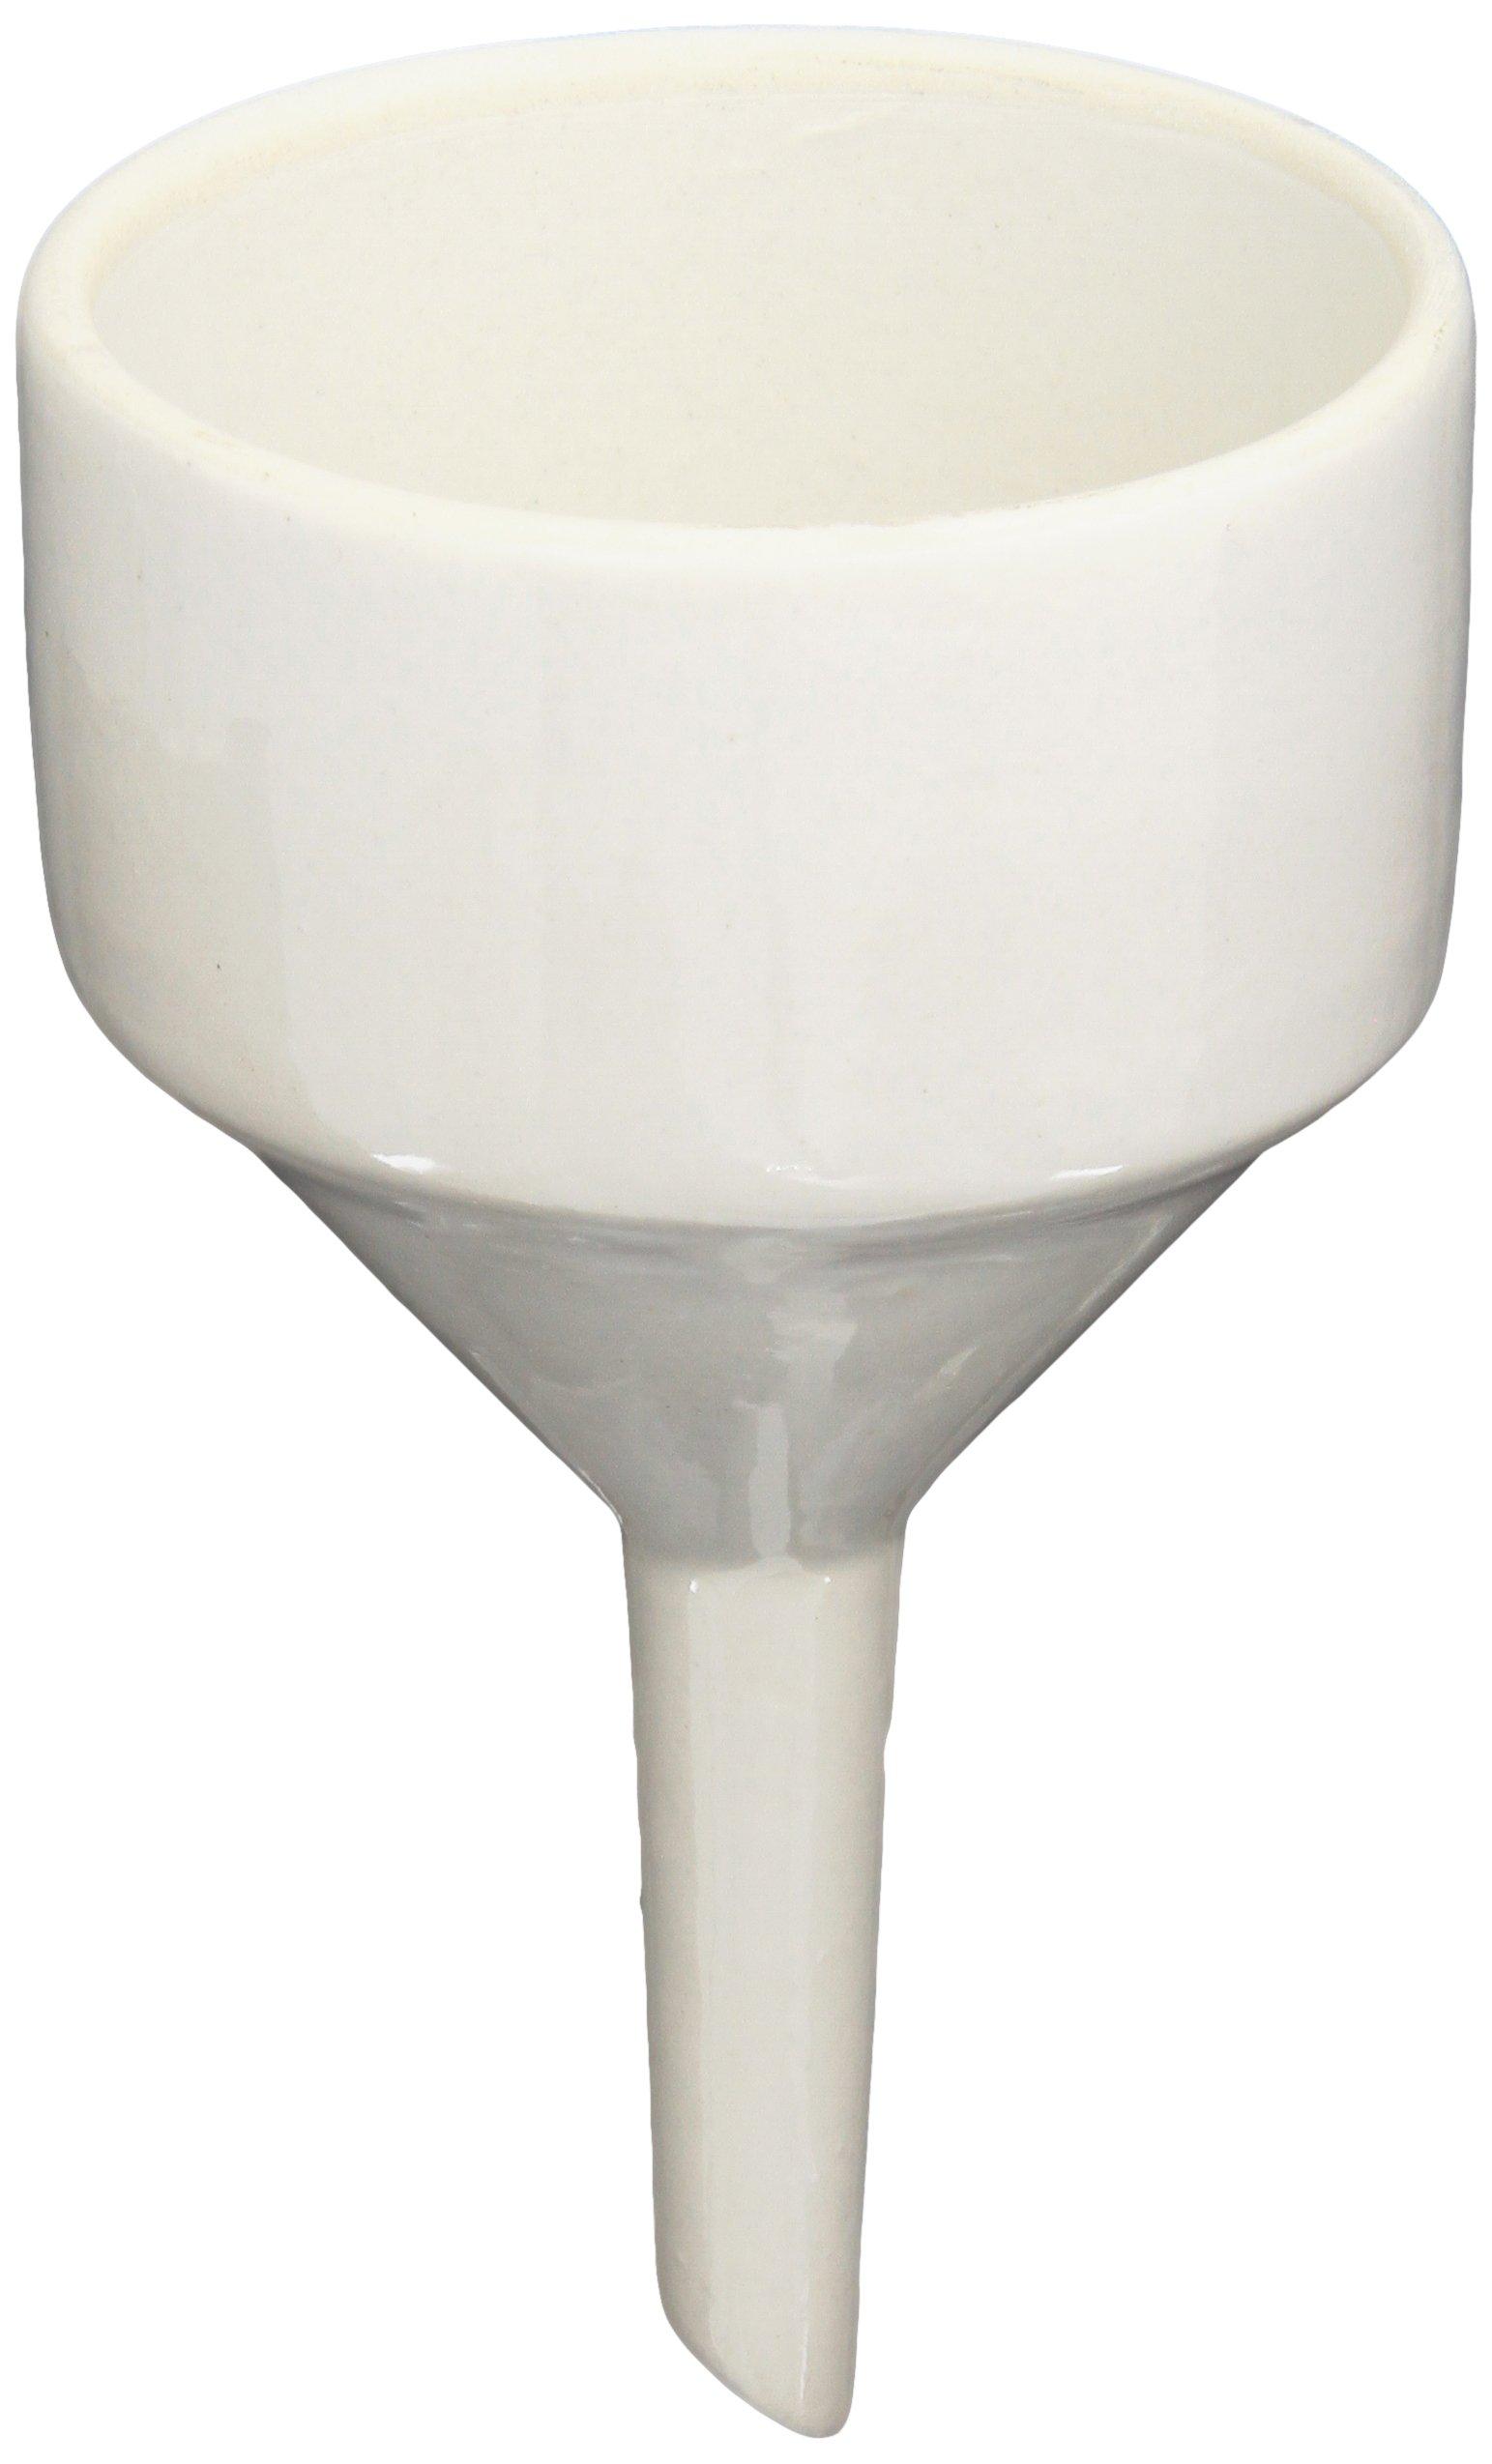 United Scientific Supplies JBF200 Buchner Funnel, 200 ml, Diameter 70 mm by United Scientific Supplies